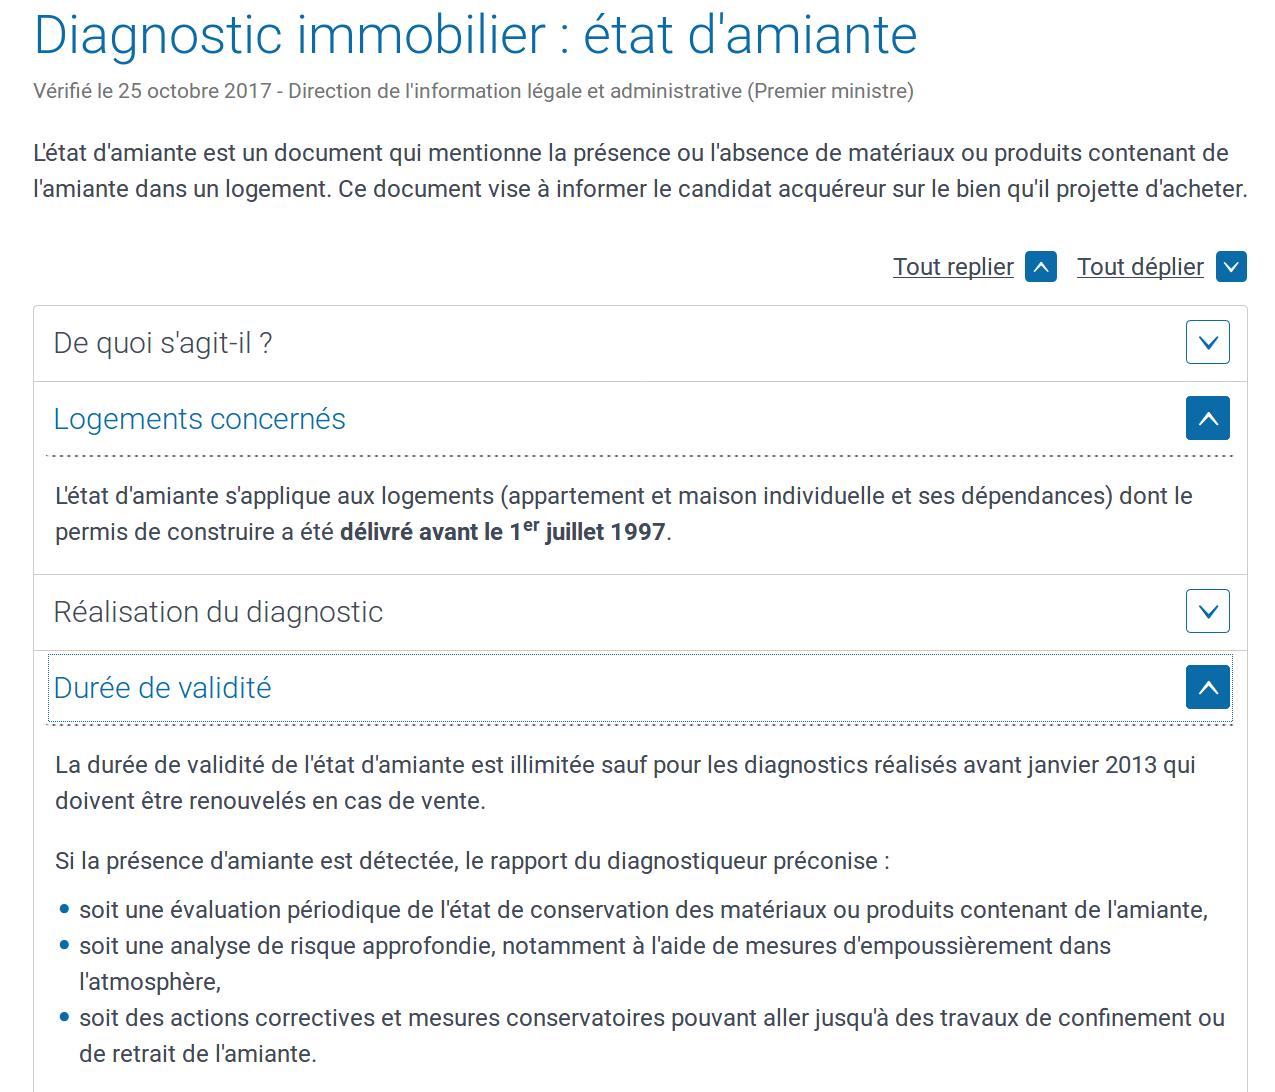 Amiante, photo d'écran extraite du site Service-public-fr le 4 mars 2018, logements concernés, durée de validité